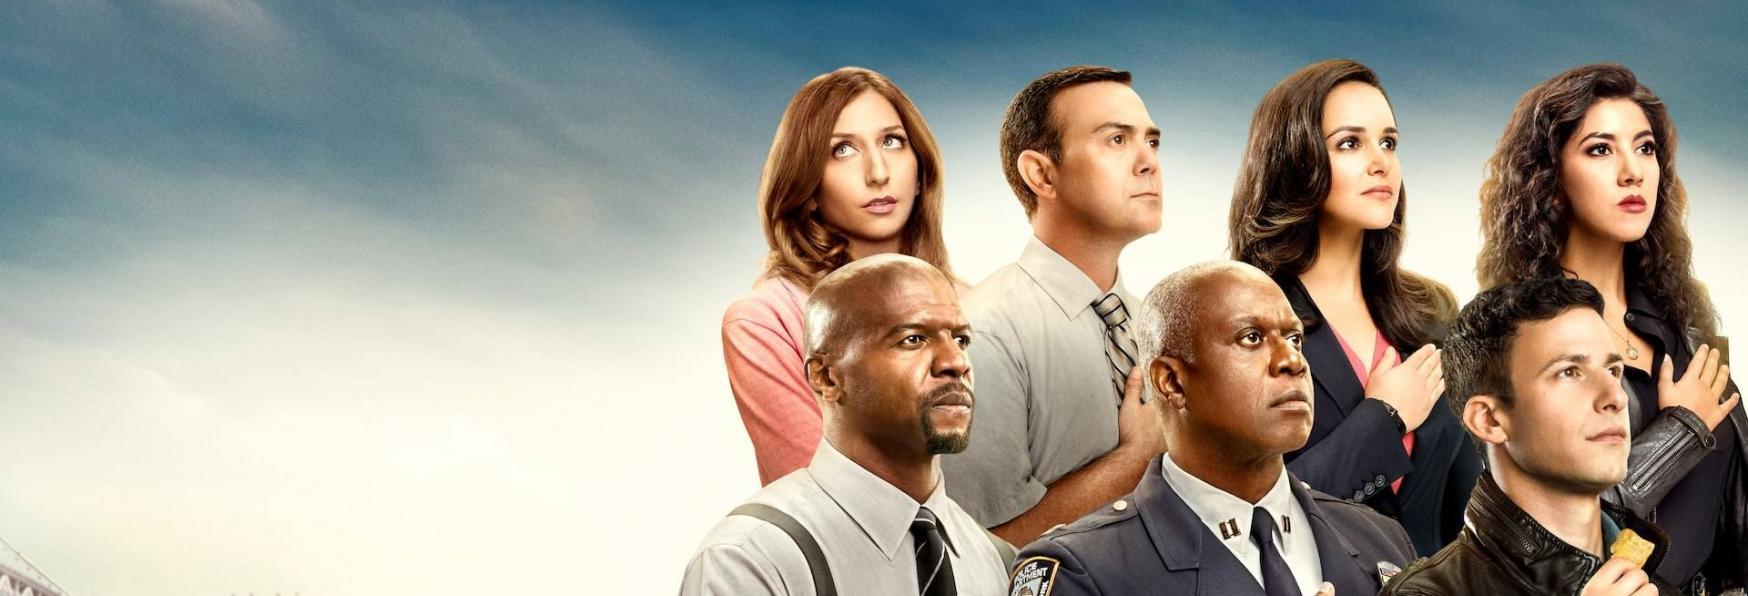 Brooklyn Nine-Nine 8: il Teaser annuncia Quando sarà Rilasciato il Trailer dell'Ultima Stagione